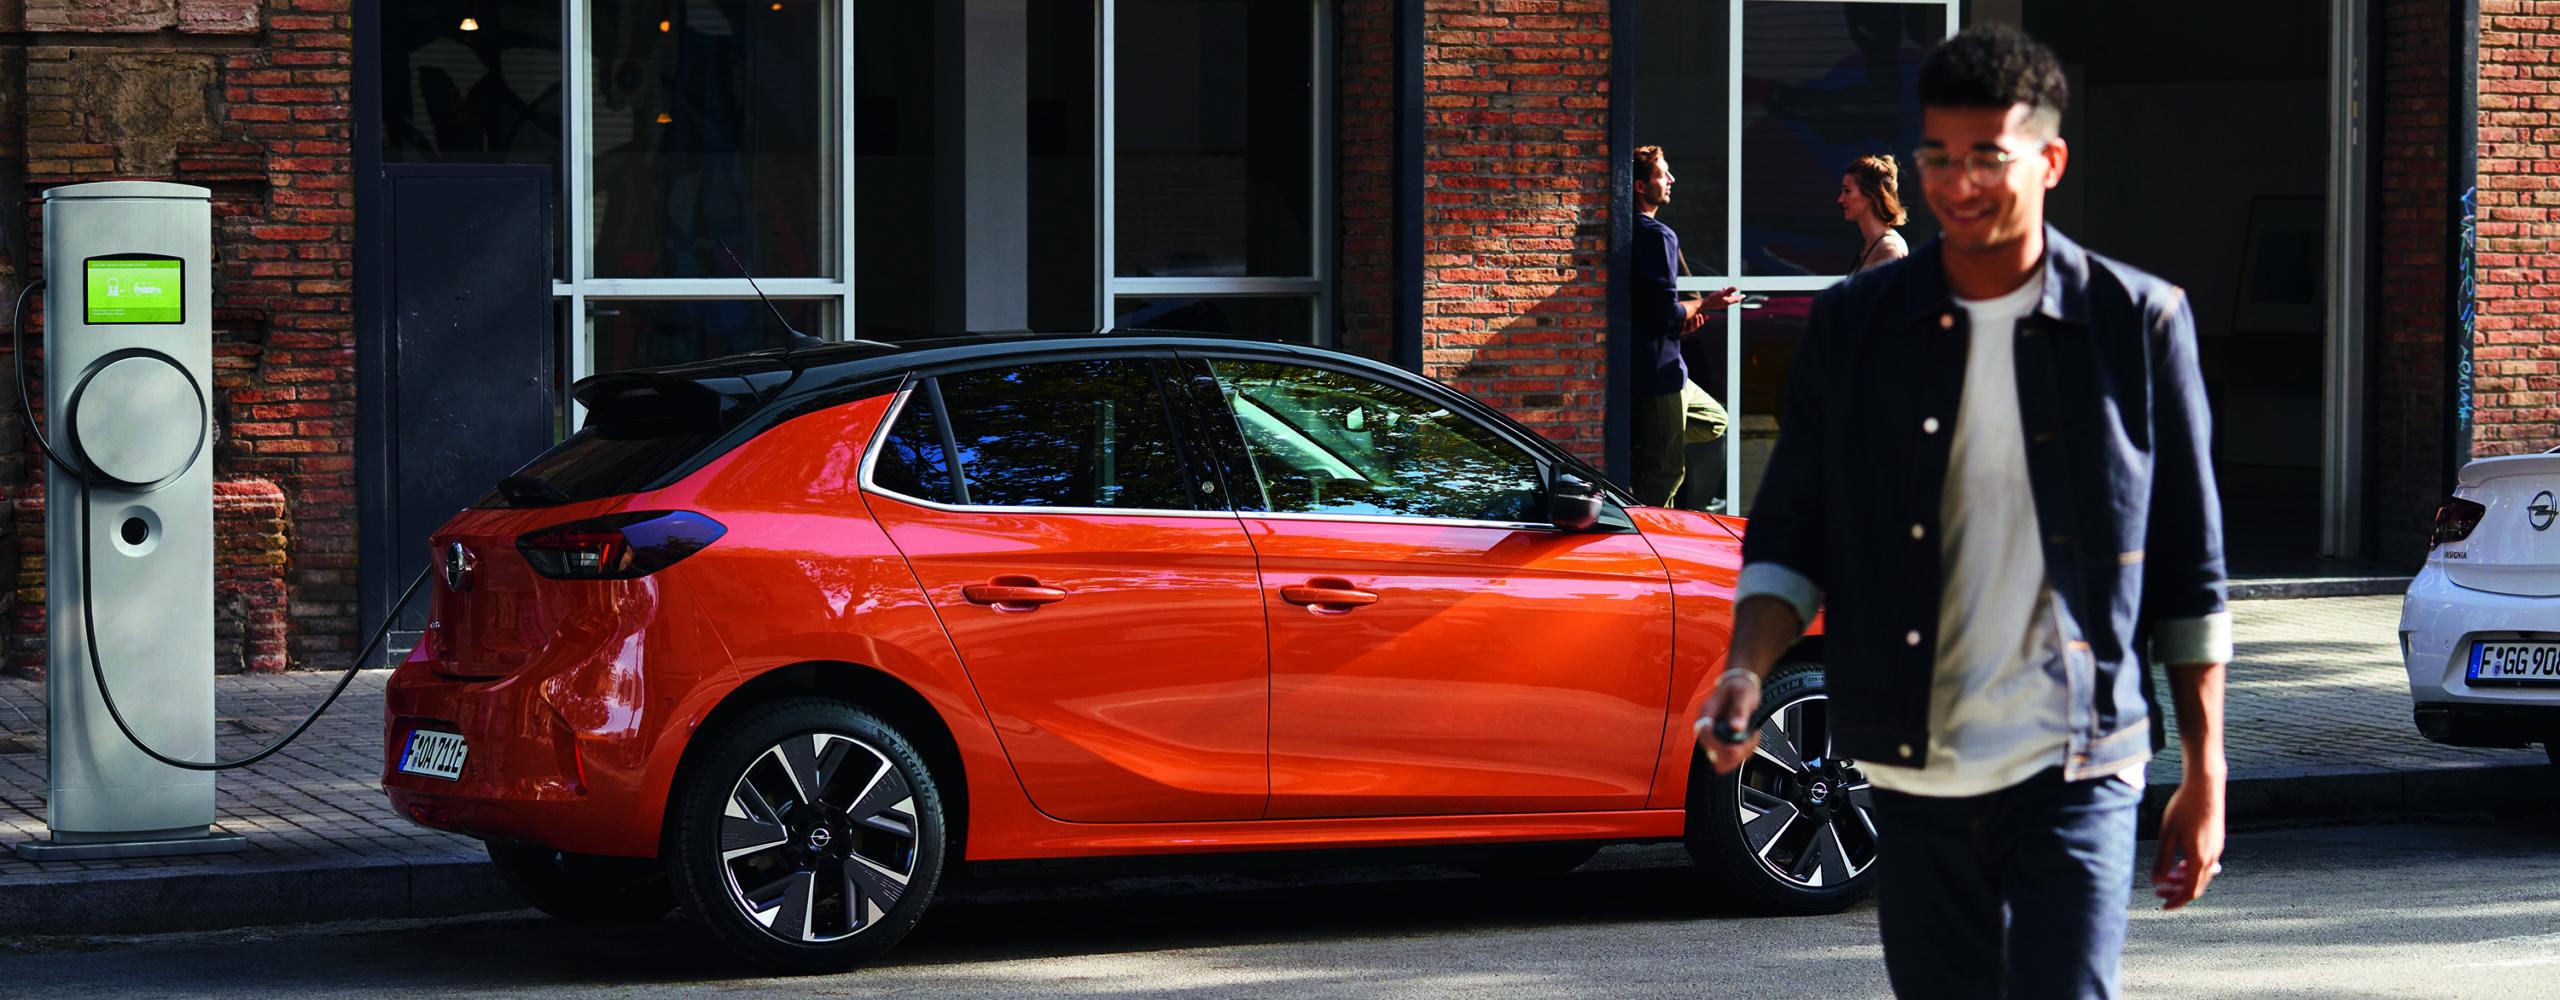 Opel corsa 4c low